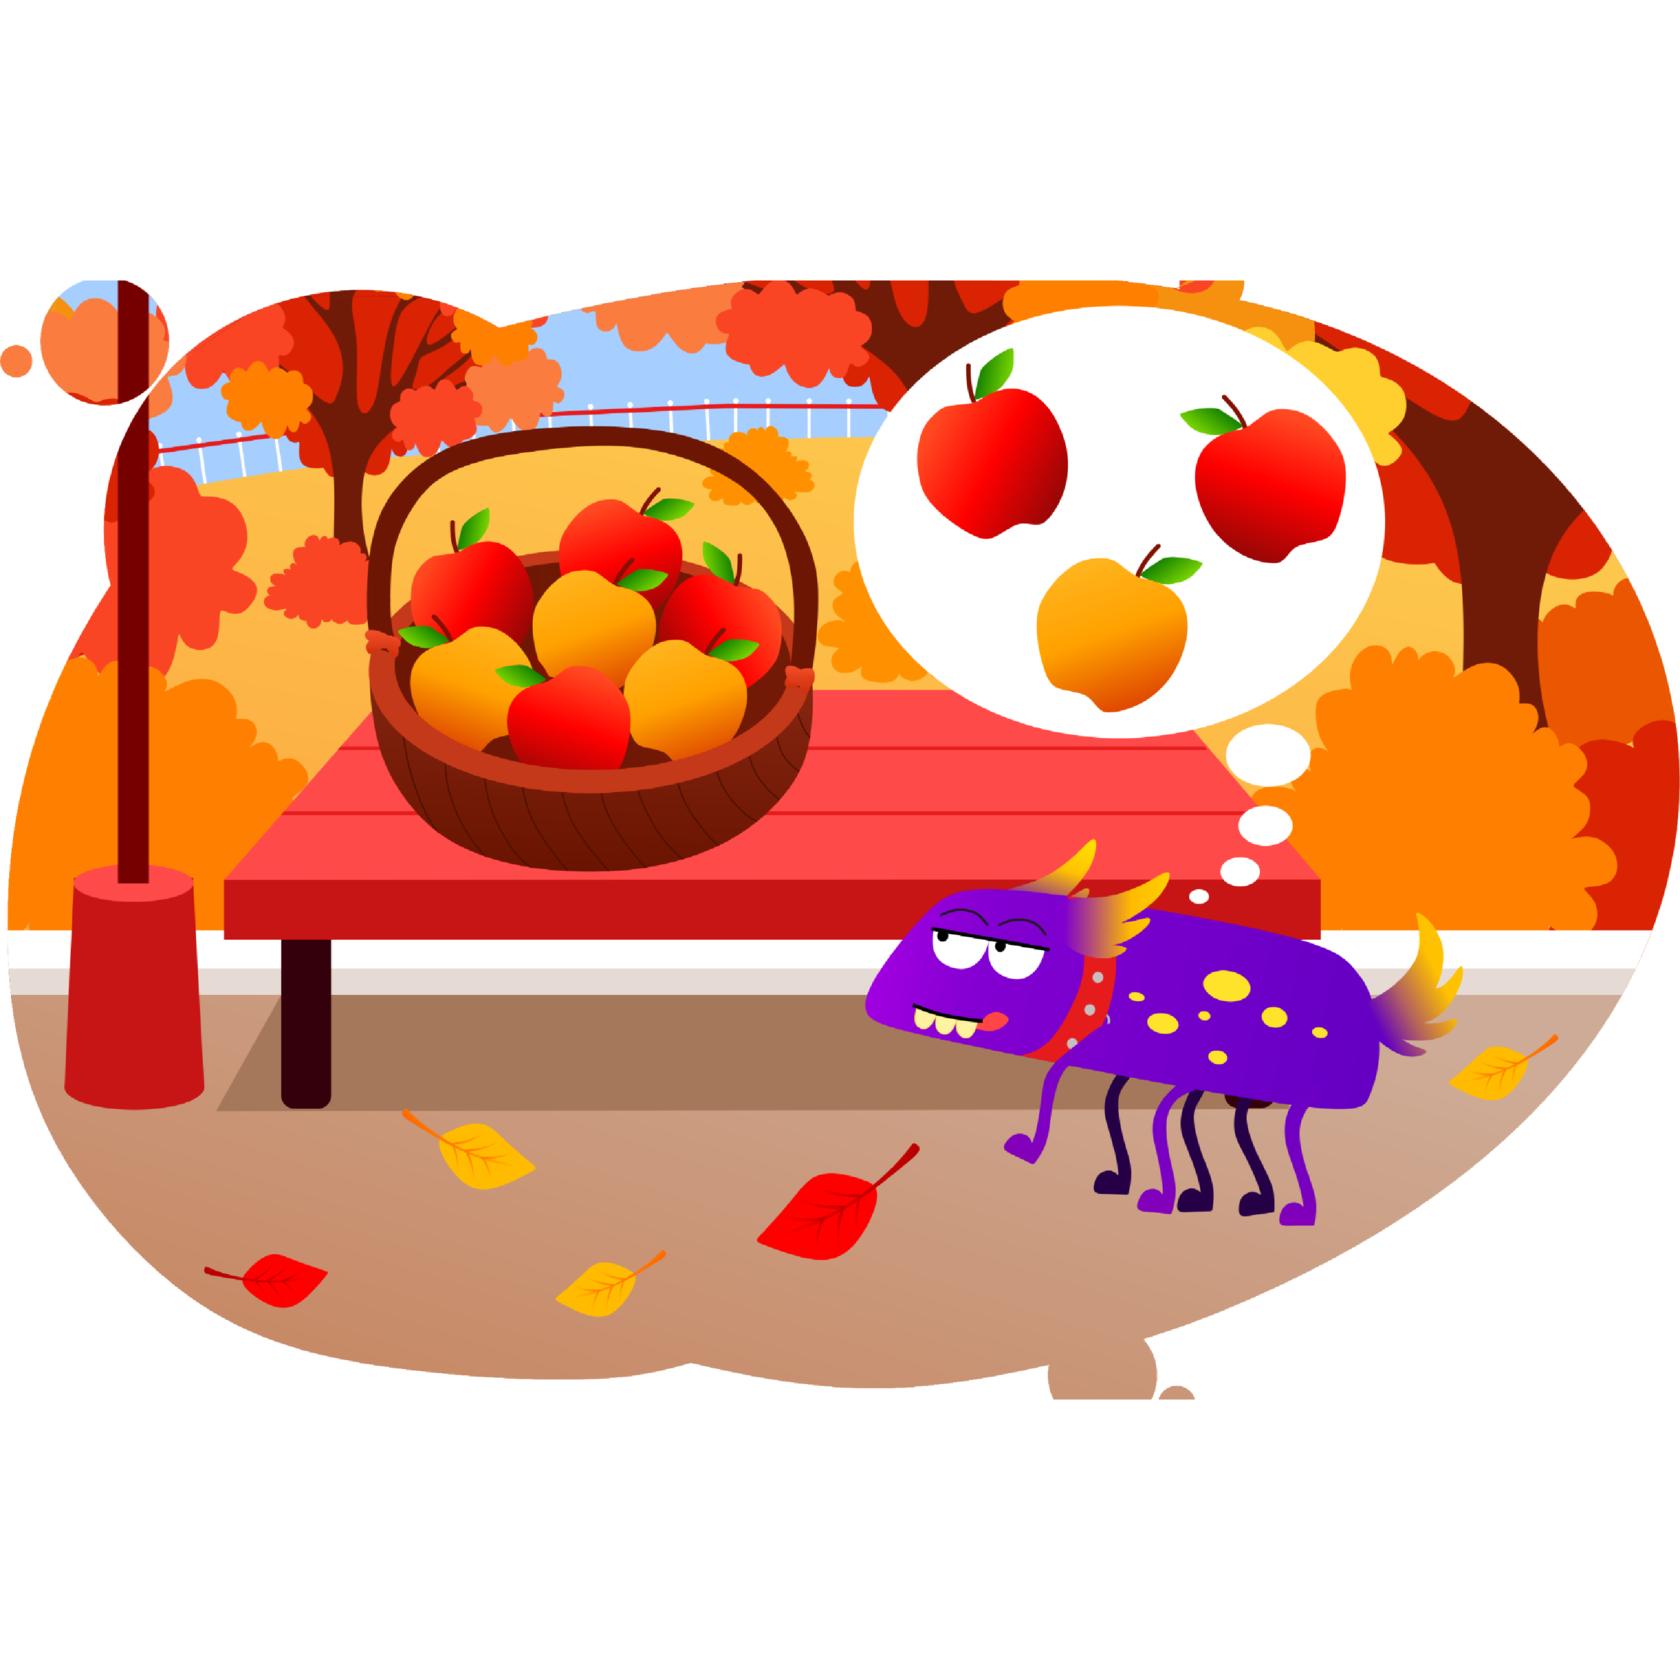 Минус-кусь и сложение двузначных чисел на яблоках